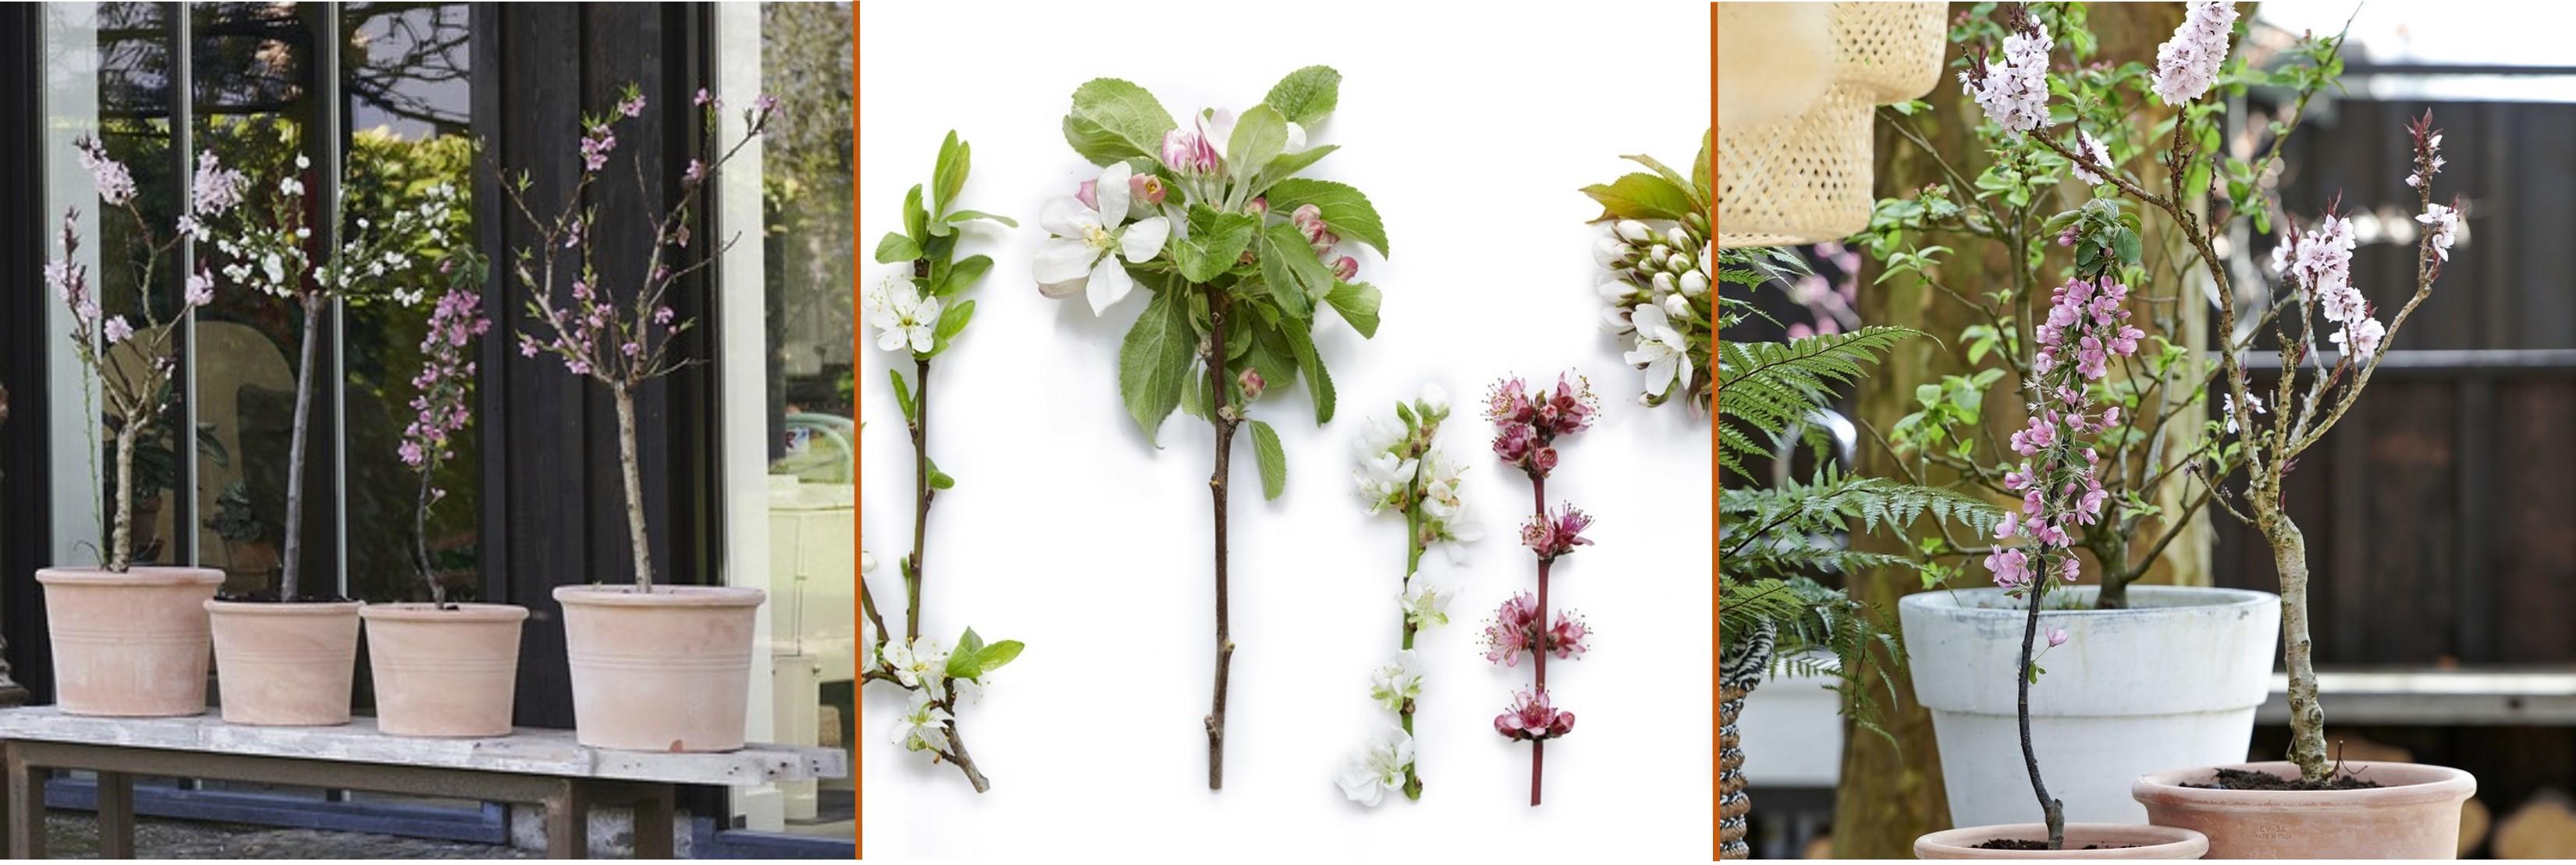 Plantes de jardin du mois, mars : les Arbres fruitiers